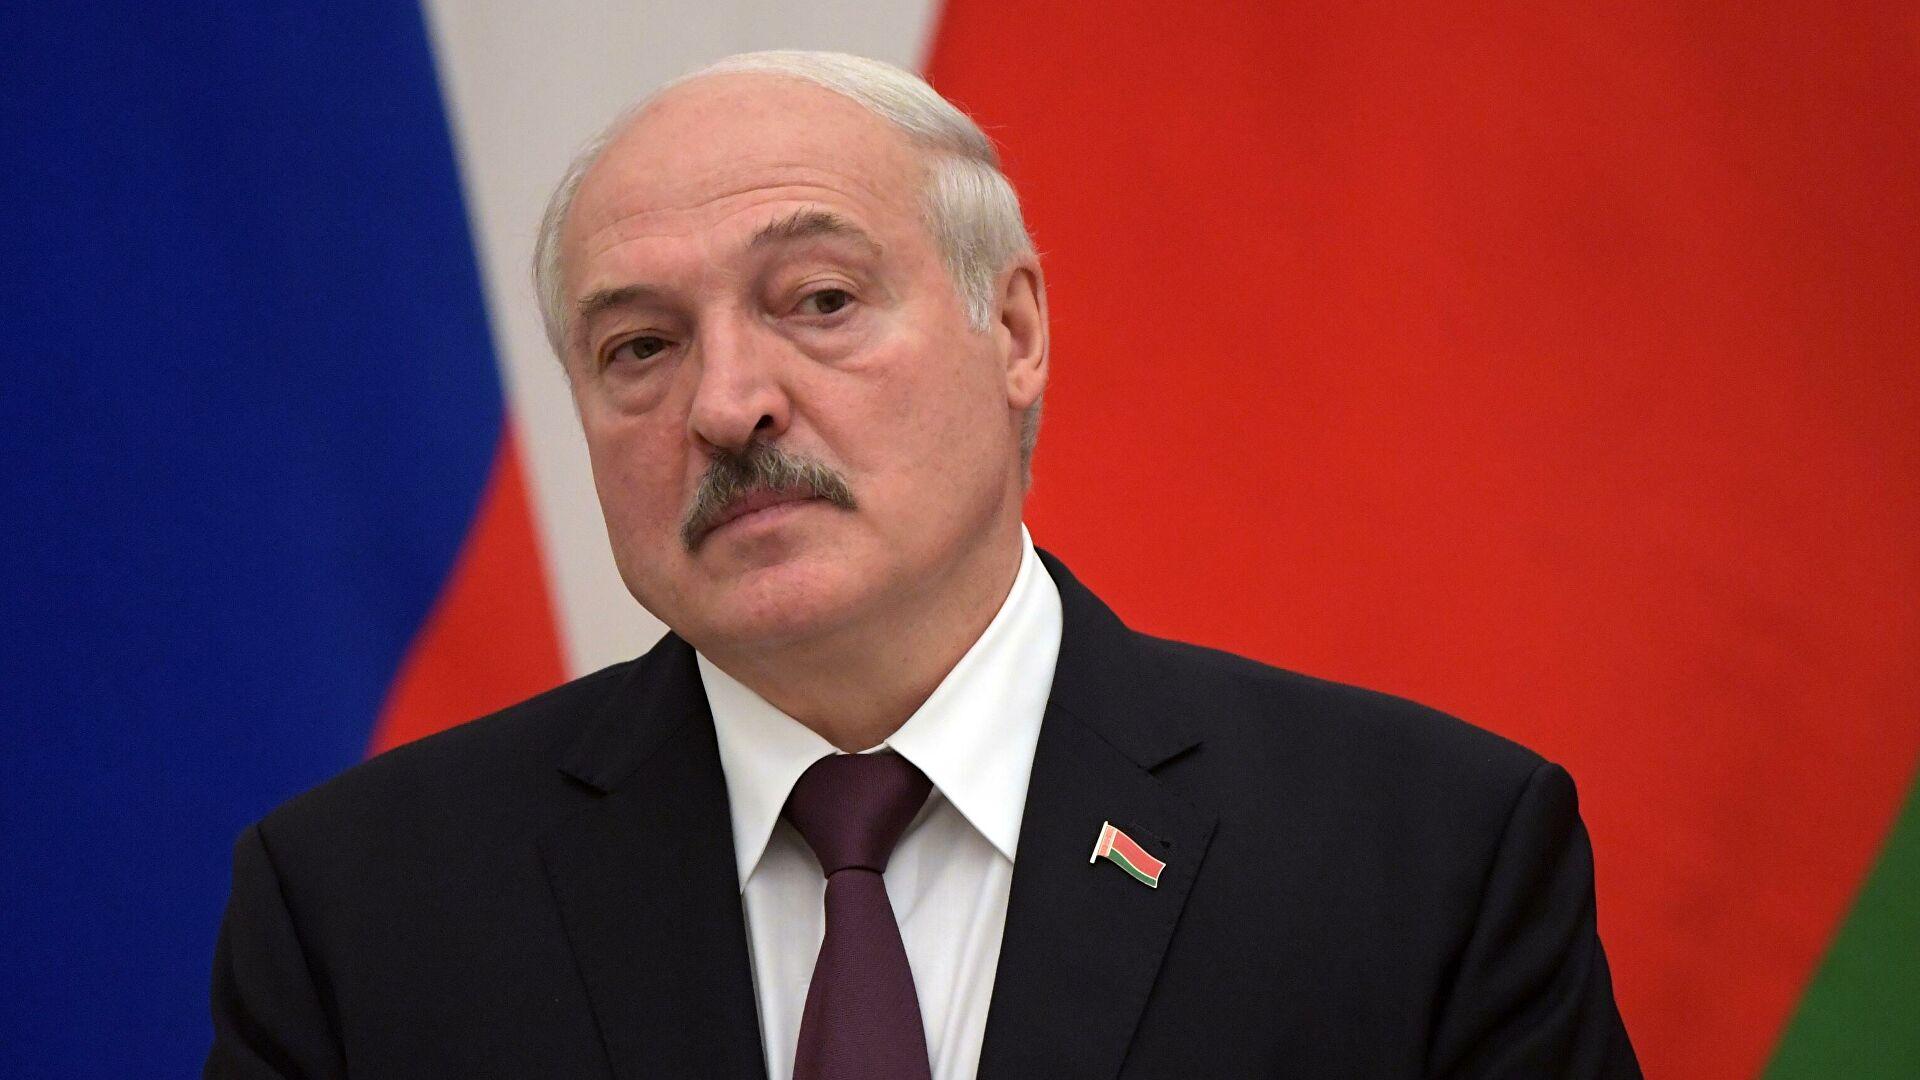 «Если только выпосмеете еще раз». Очем президент Белоруссии предупредил США